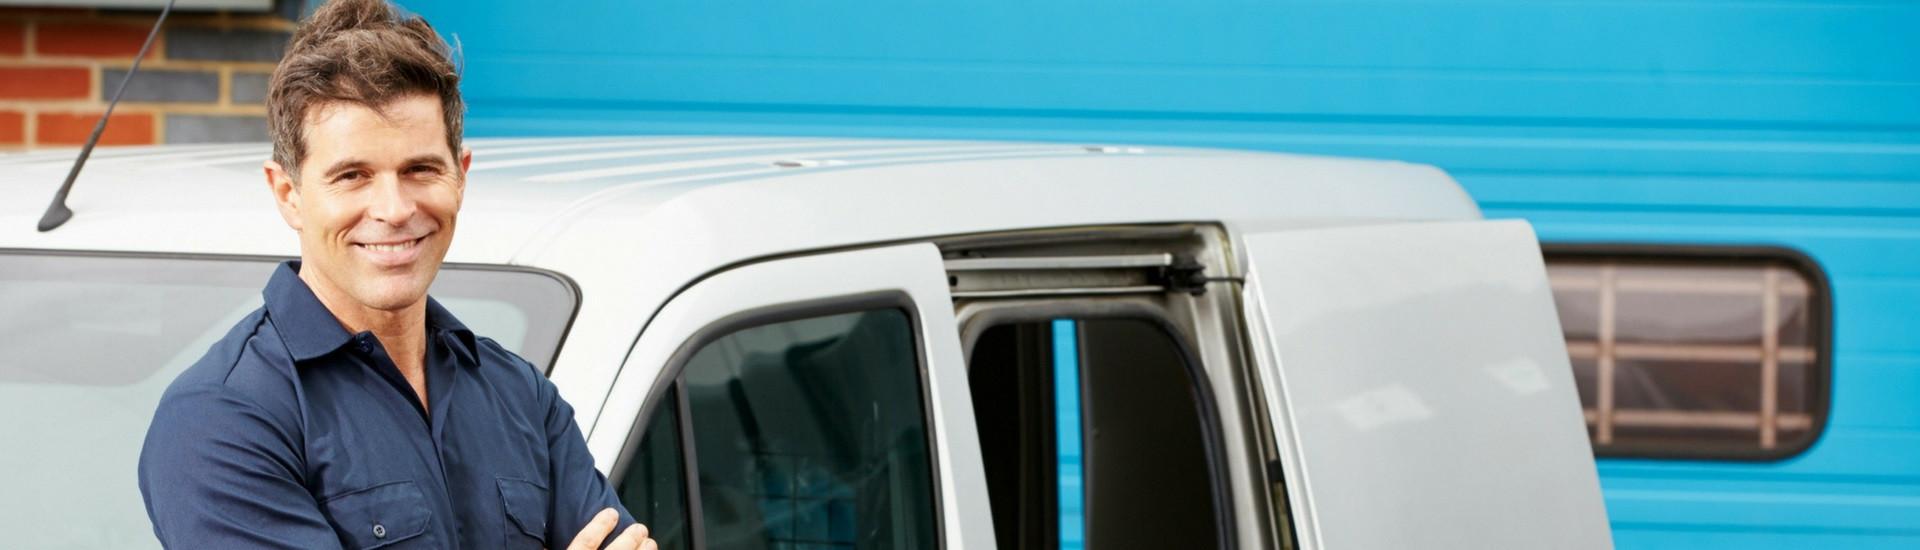 Sign Repair Technician In Front of Service Van